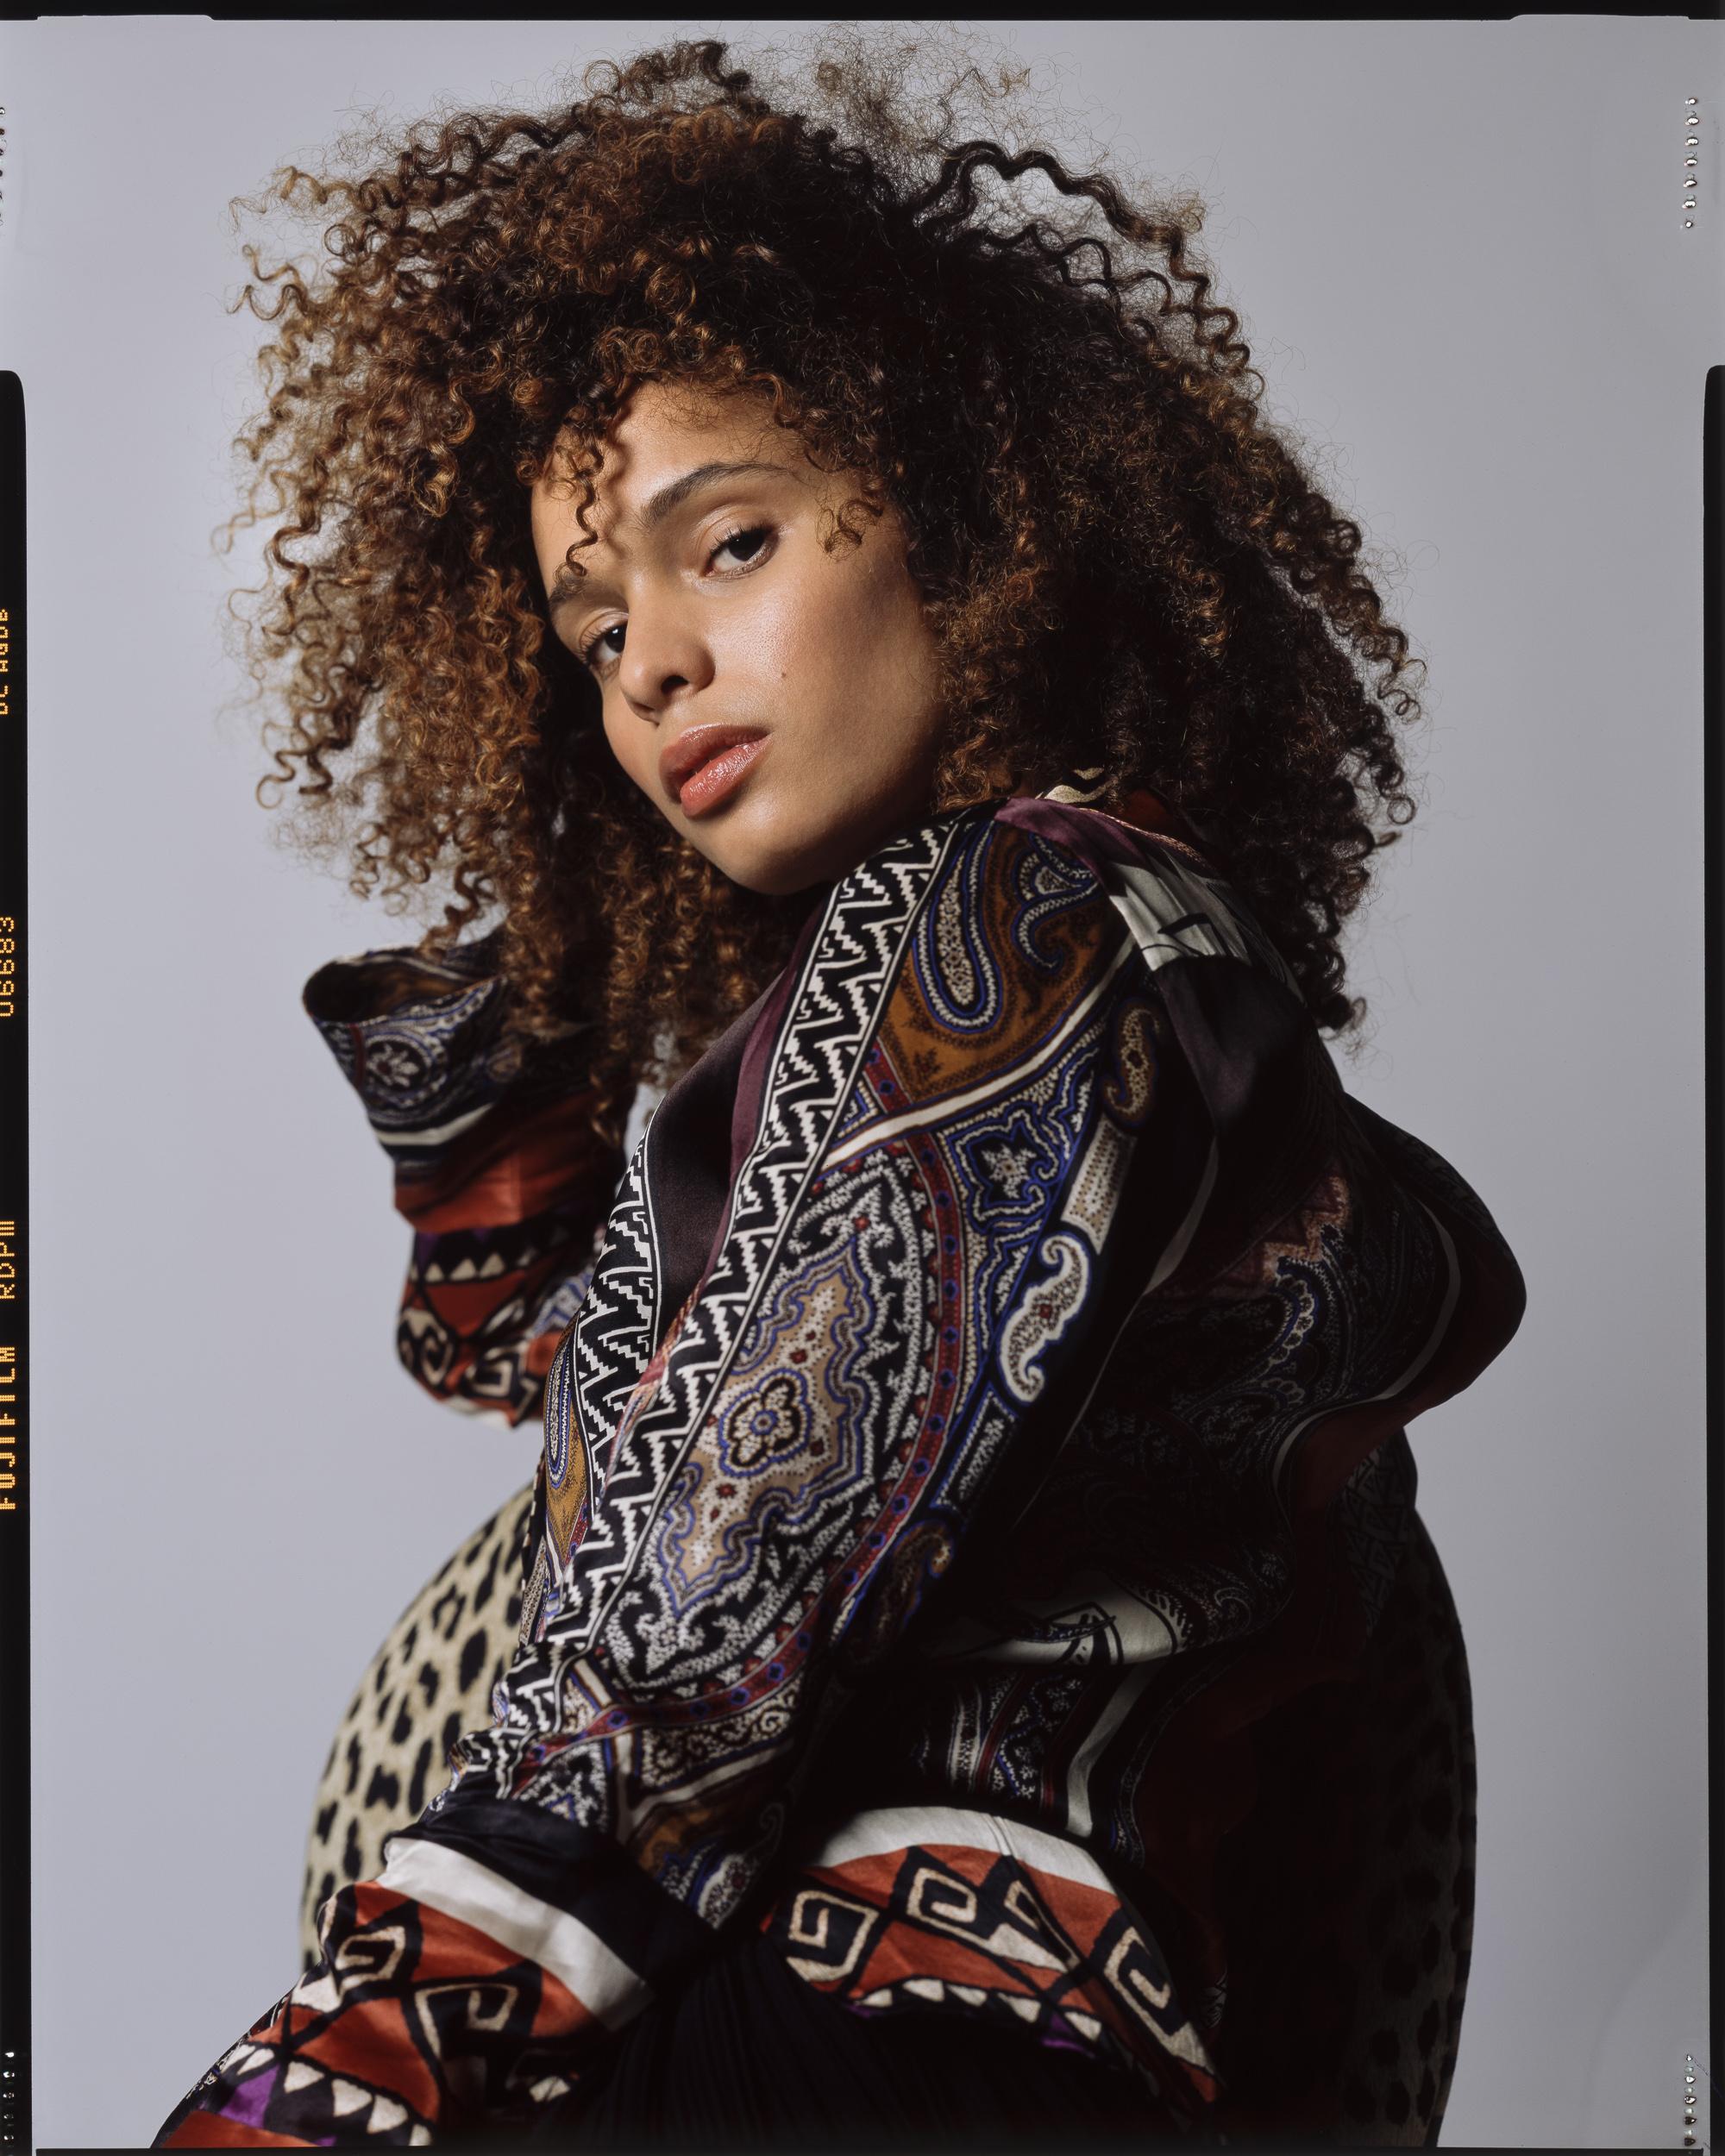 Bianca-Gittens_4x5_001-Edit.jpg